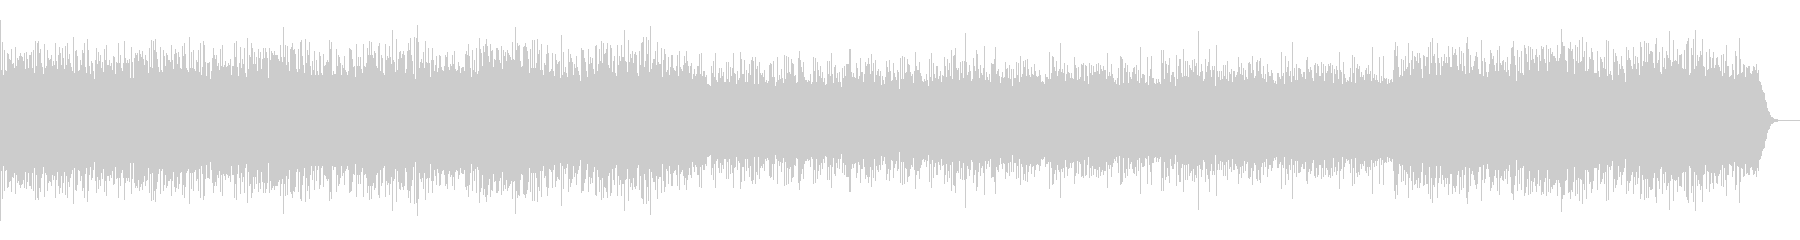 管弦楽組曲第一番 ブーレの未再生の波形